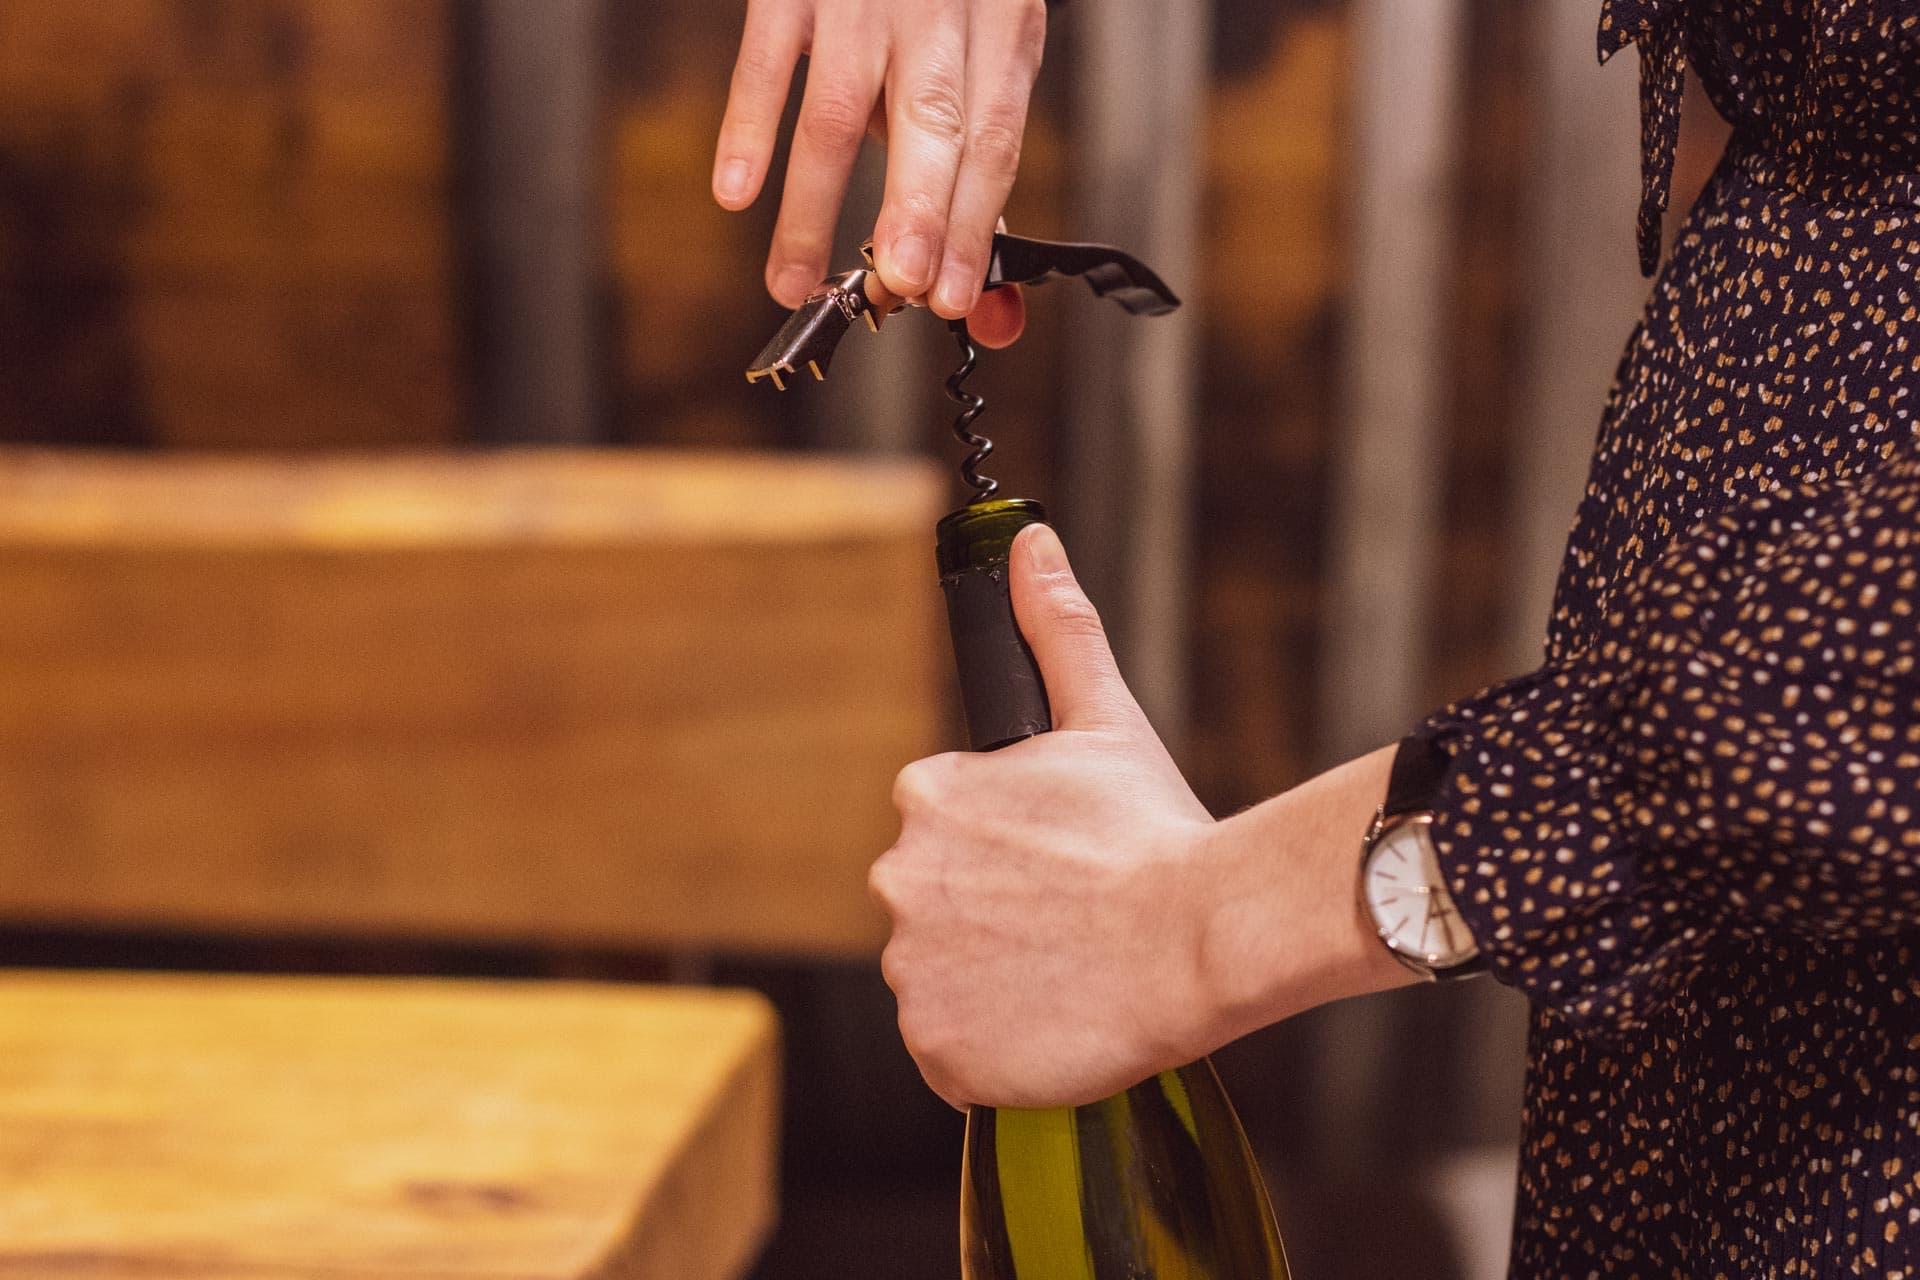 Foto ke článku 3, jak otevřít víno